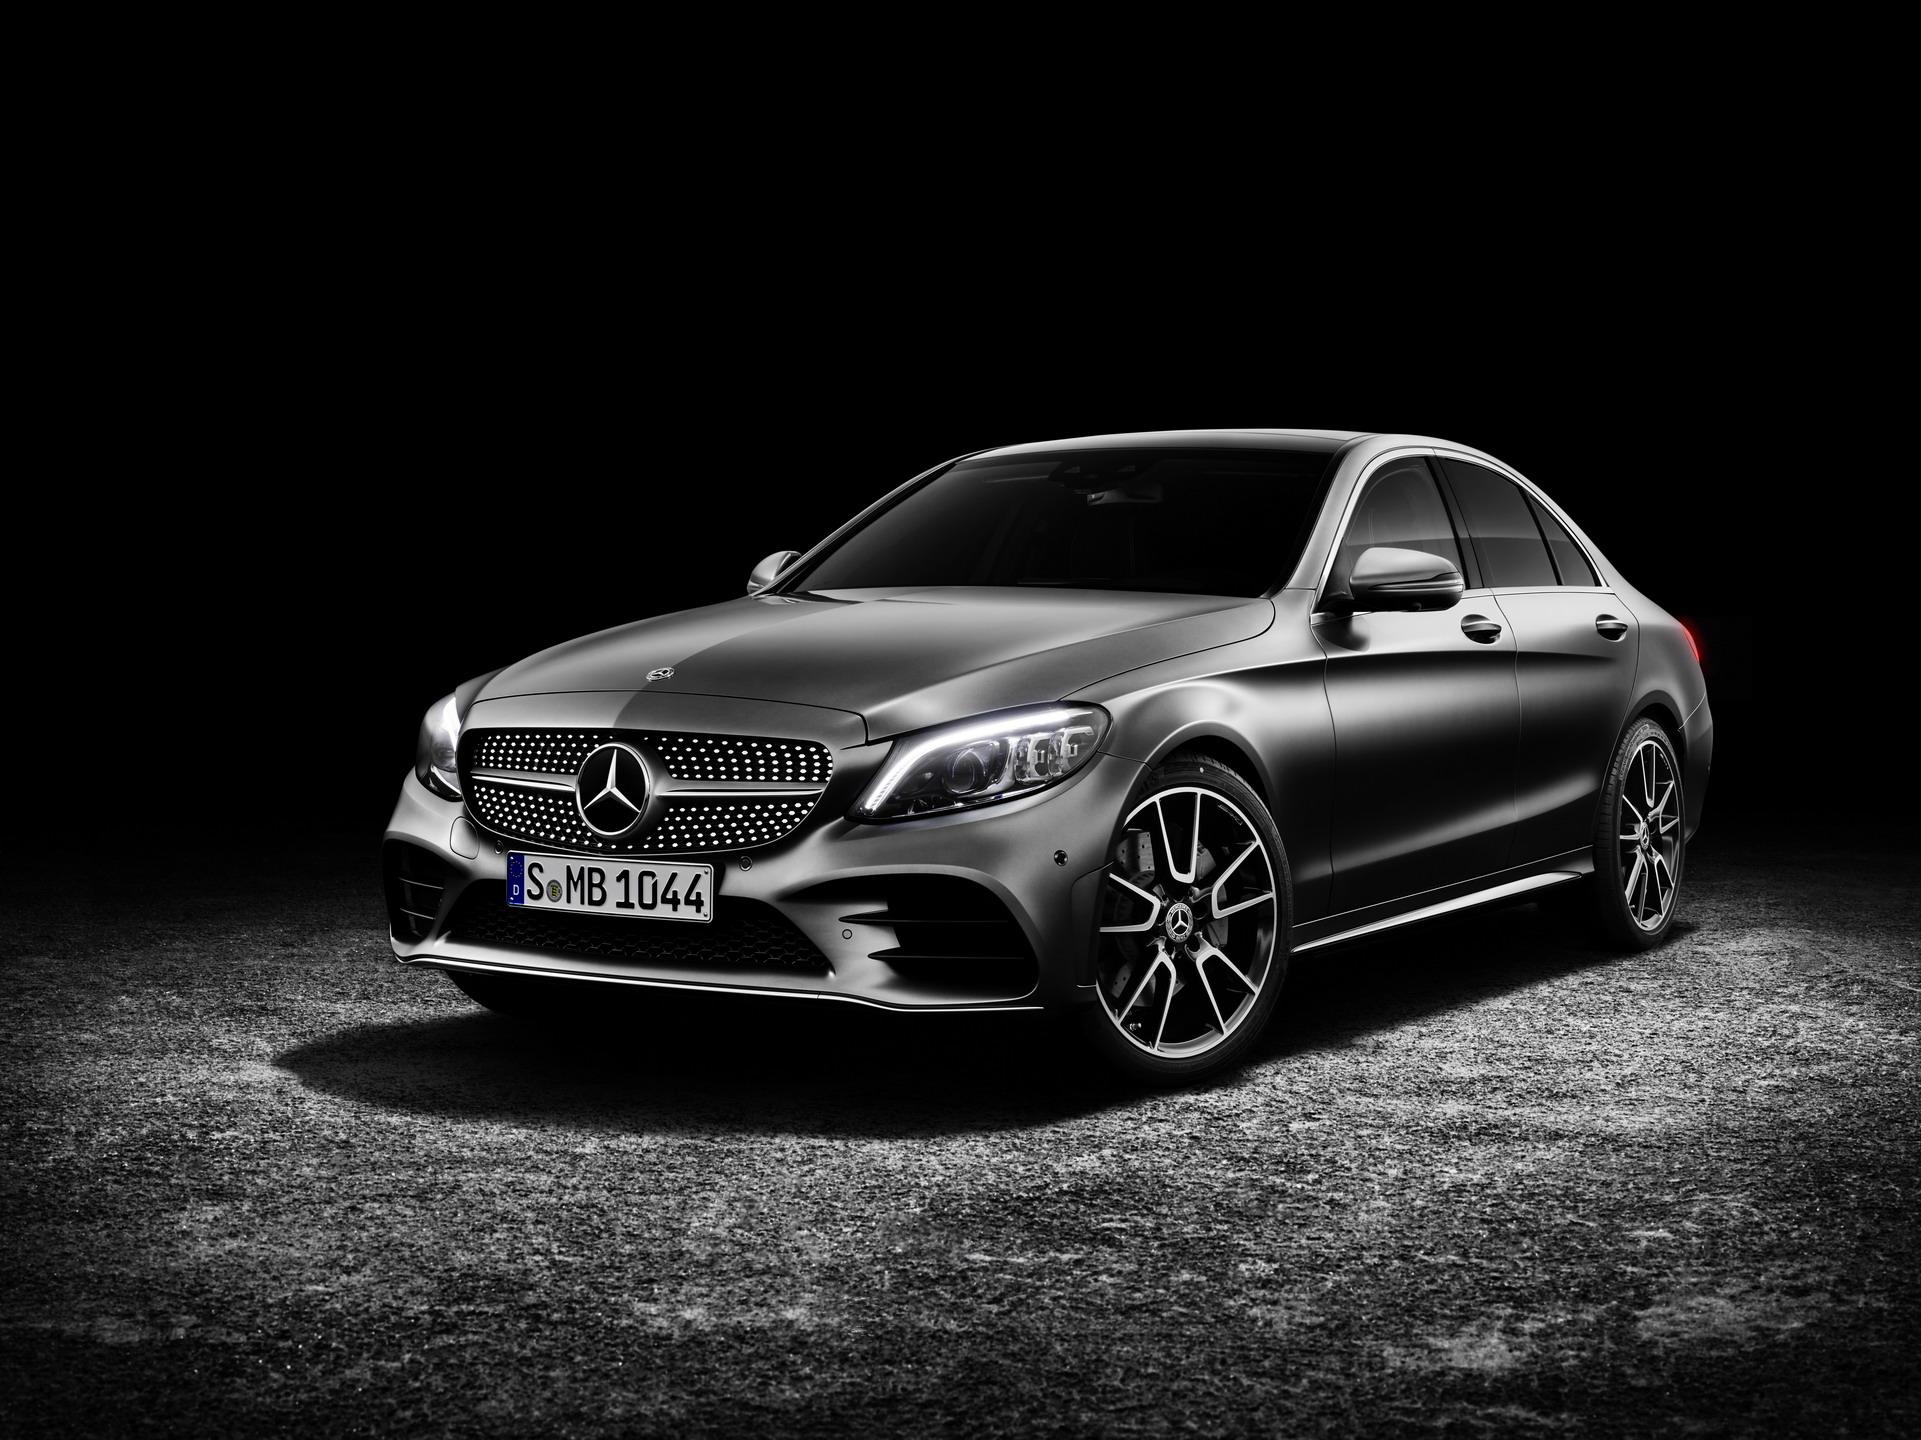 Рестилизација за најважниот модел во гамата – Mercedes C-class / ФОТО+ВИДЕО